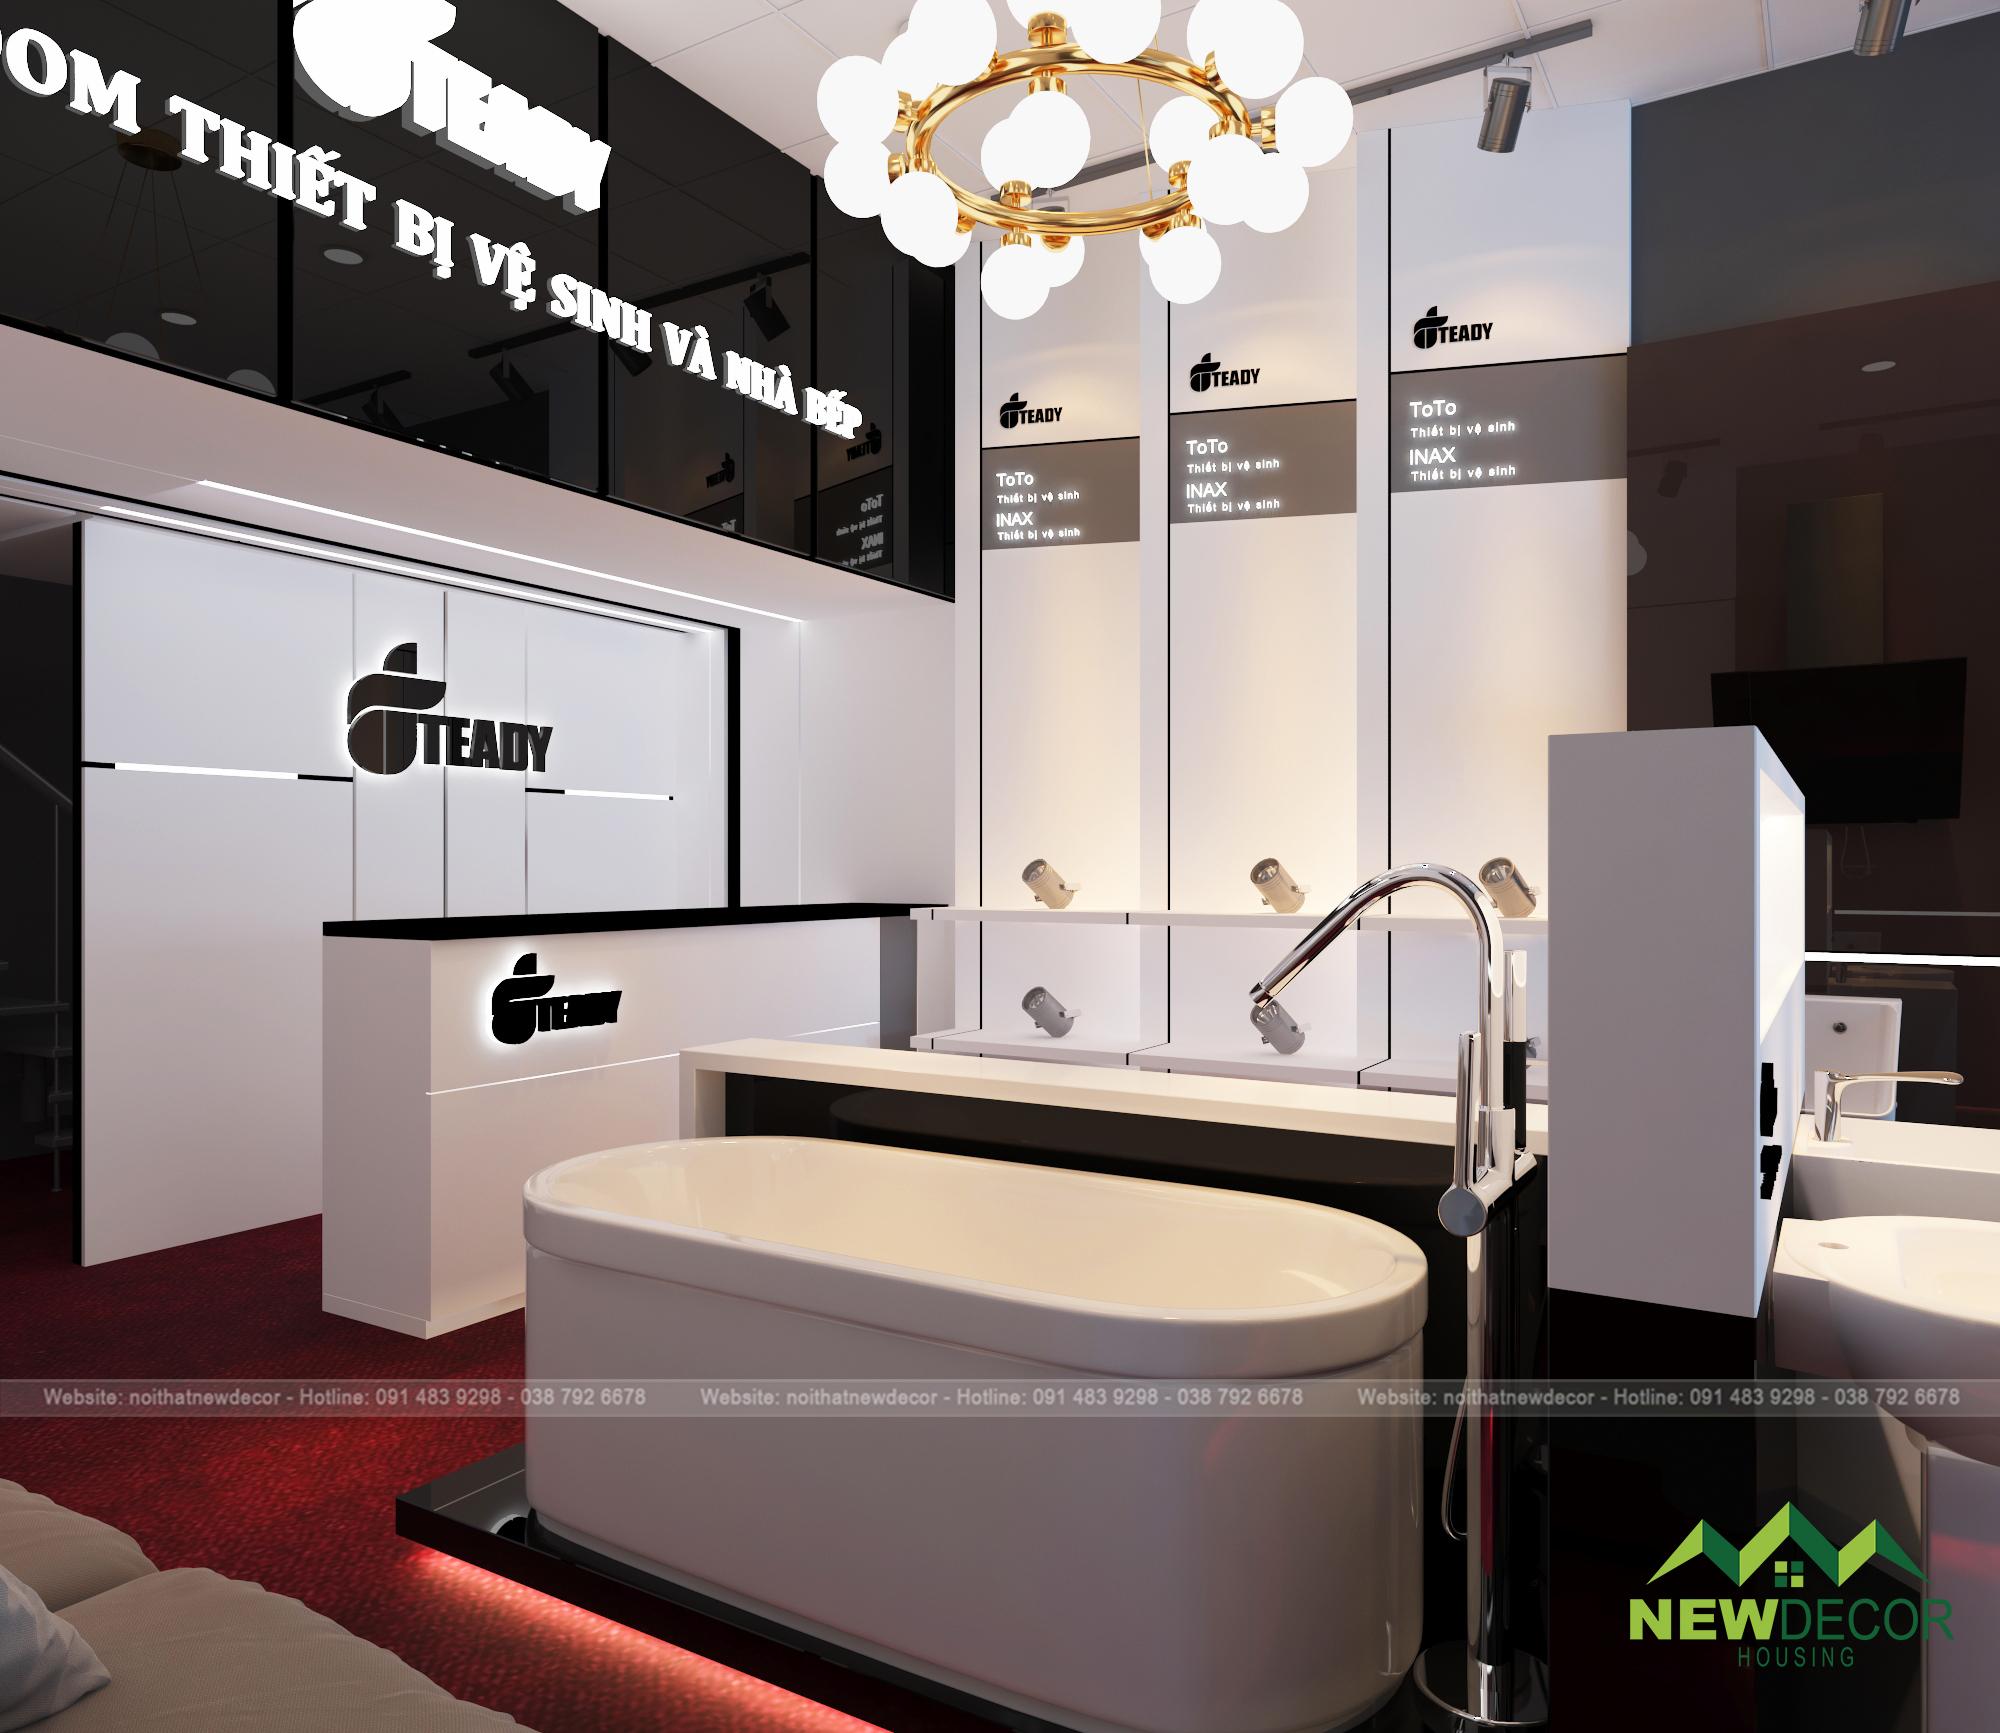 Bàn quầy được để ở góc trong của căn phòng. Logo và tên của showroom được thiết kế vô cùng dễ nhìn và dễ nhớ.